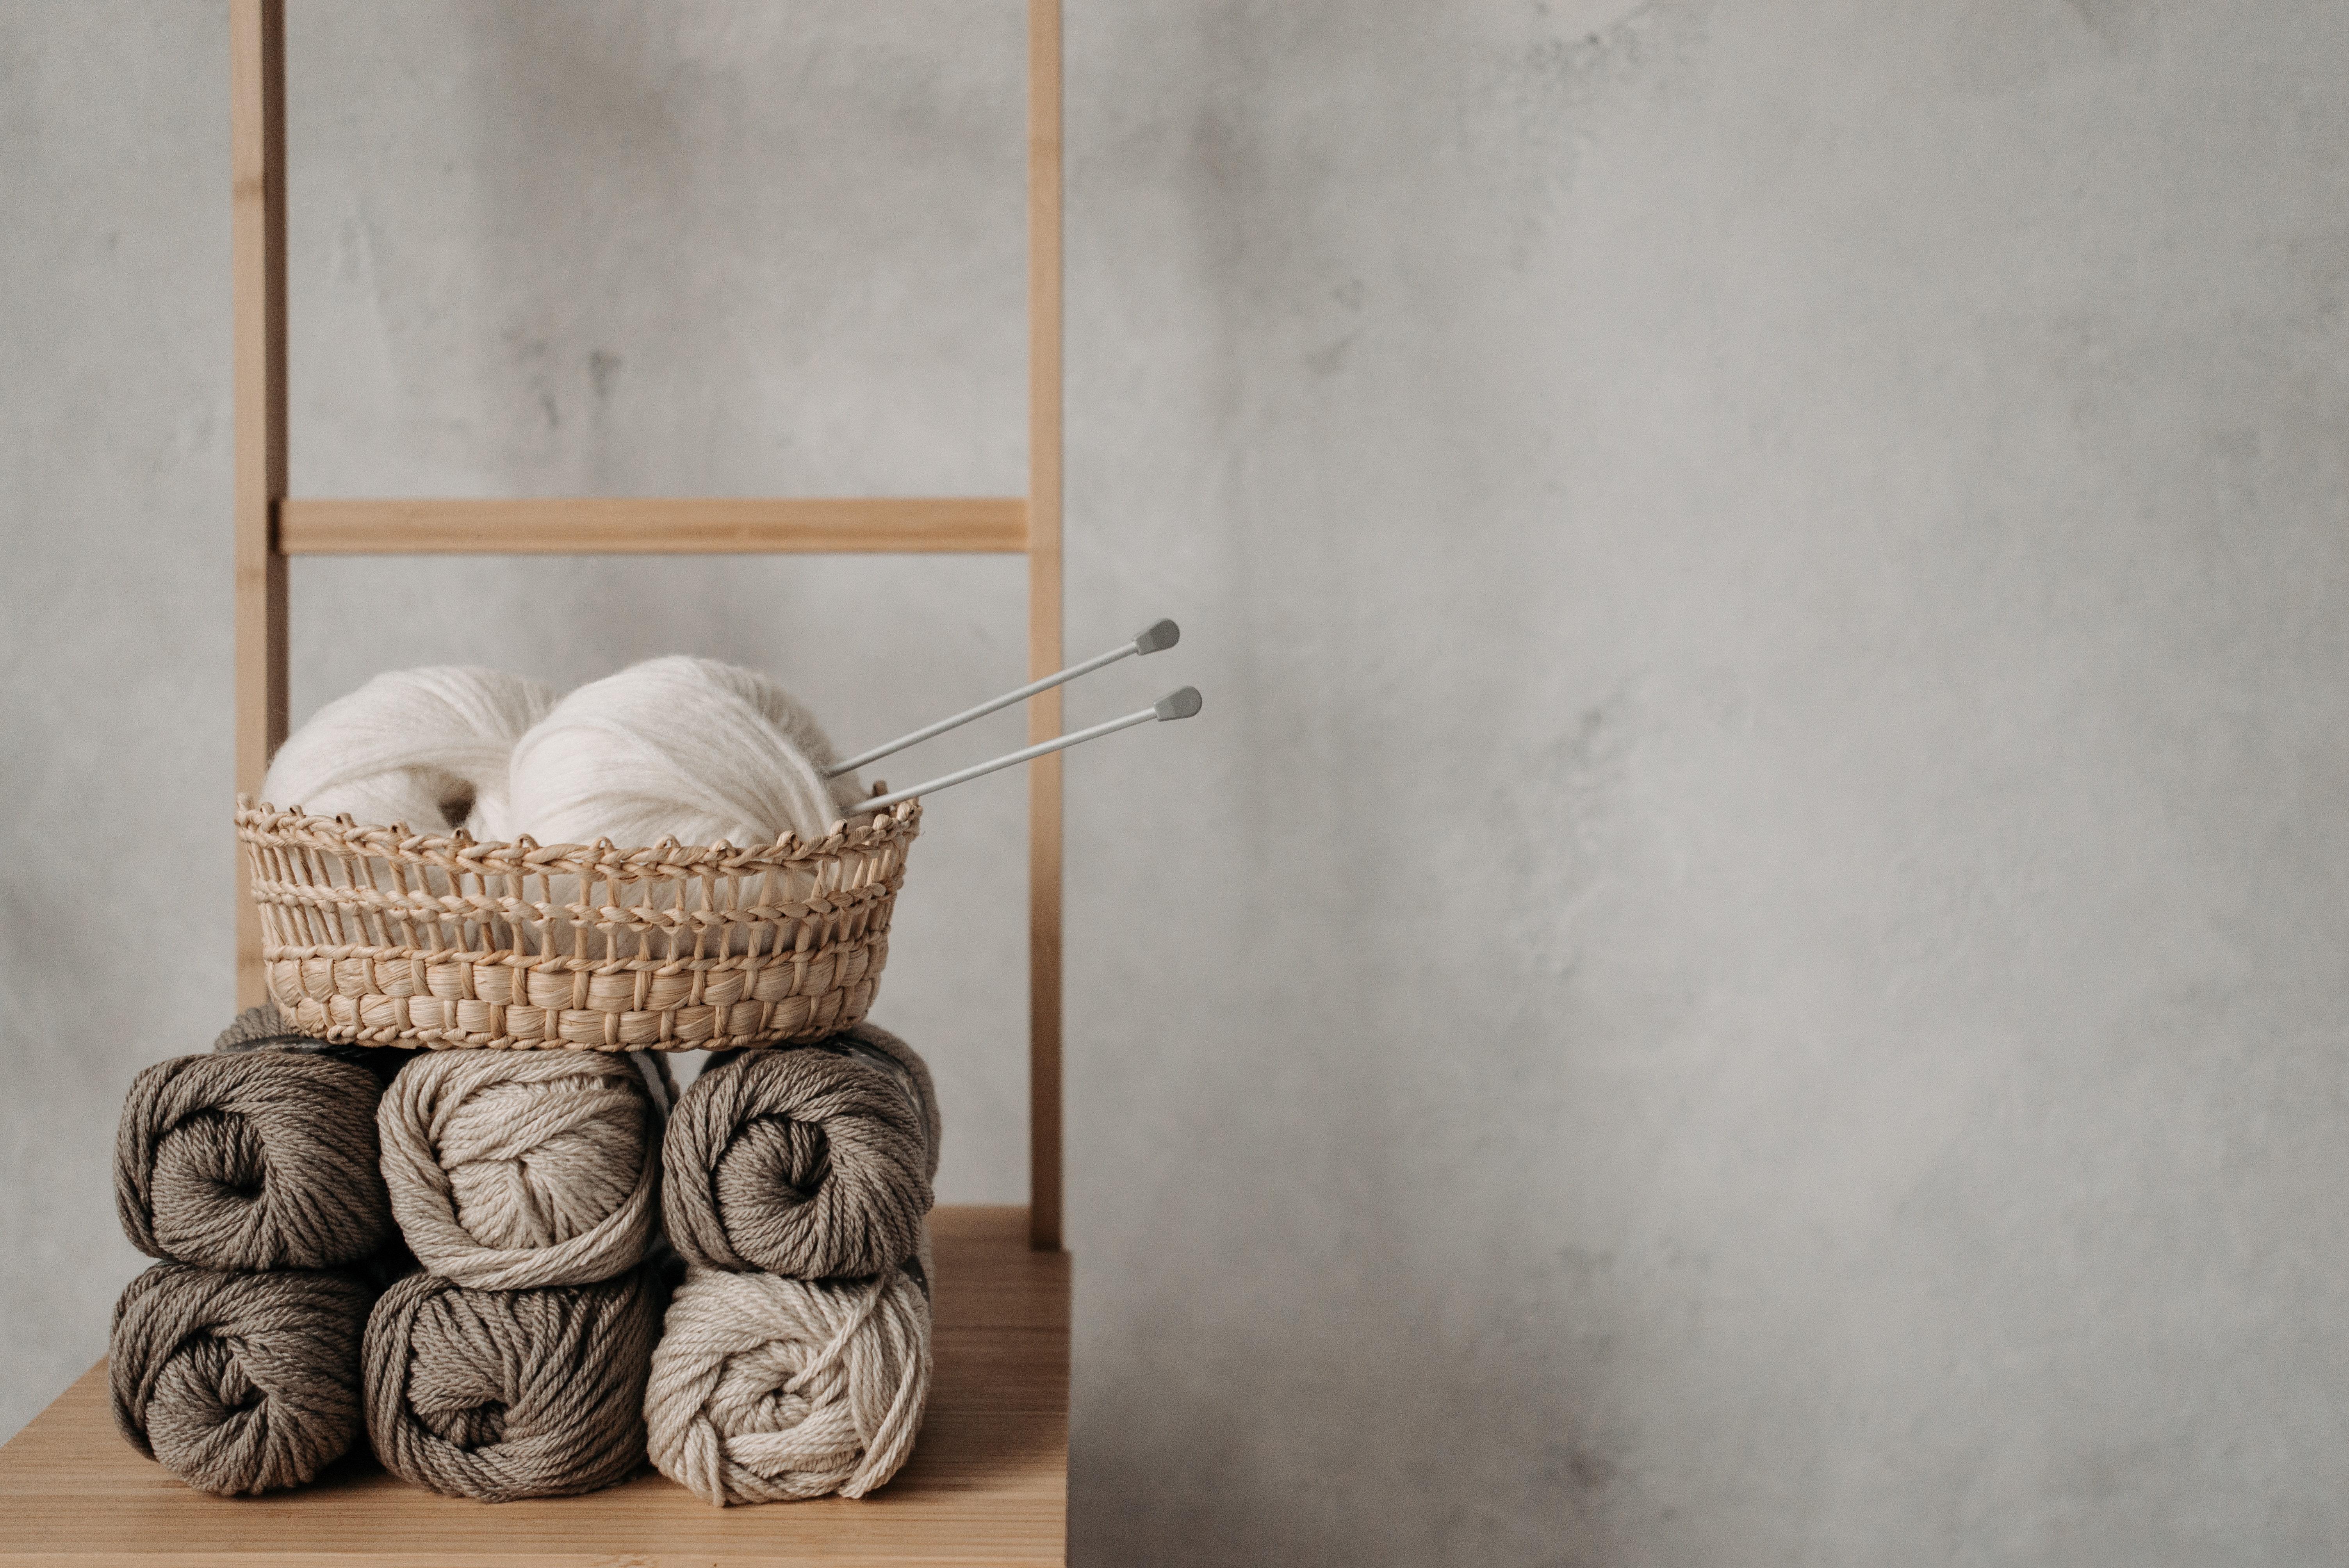 Knitting yarn macrame